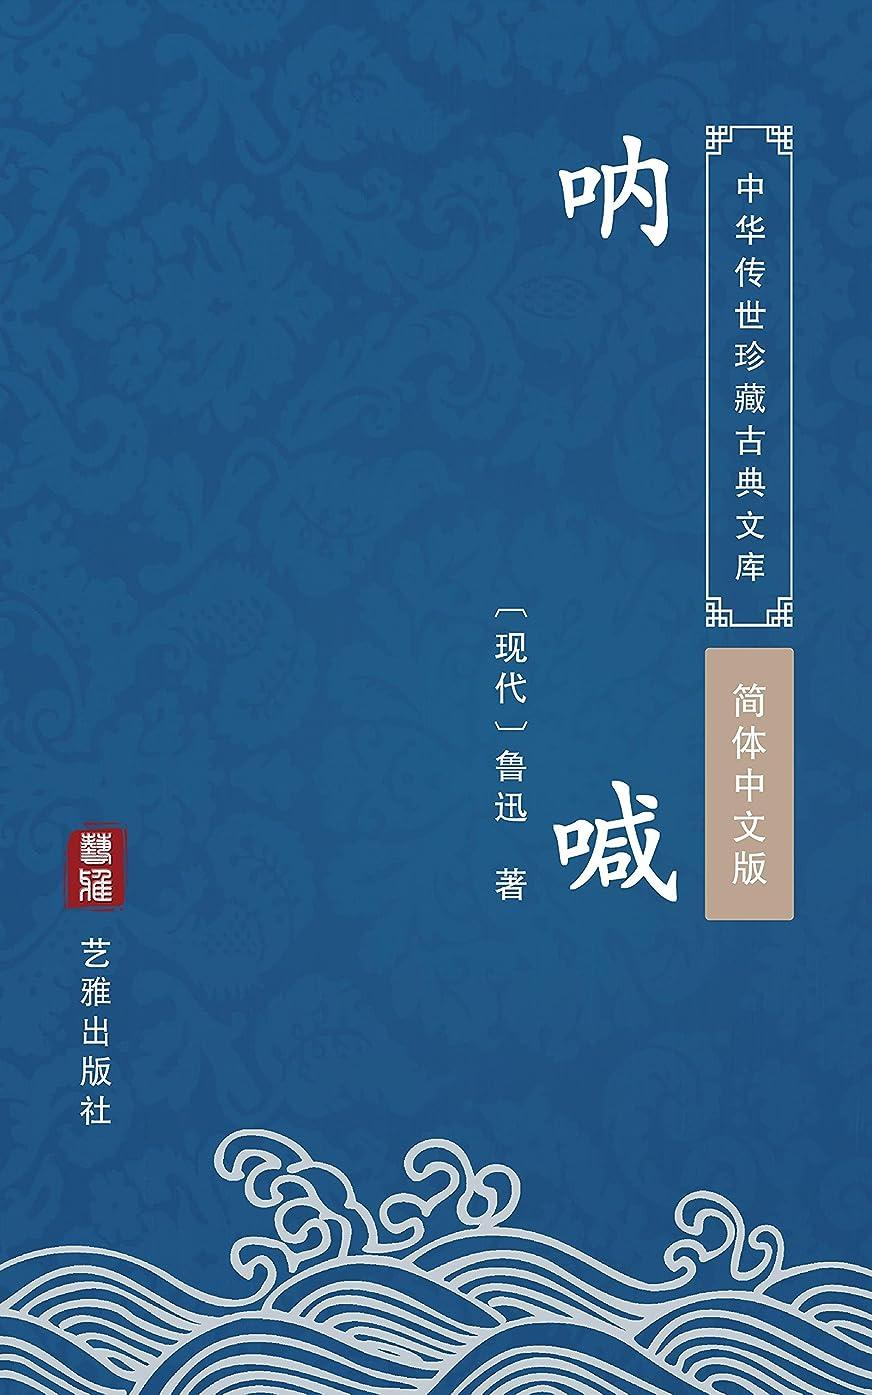 隠す必要性試してみる呐喊(简体中文版): 中华传世珍藏古典文库 (Chinese Edition)